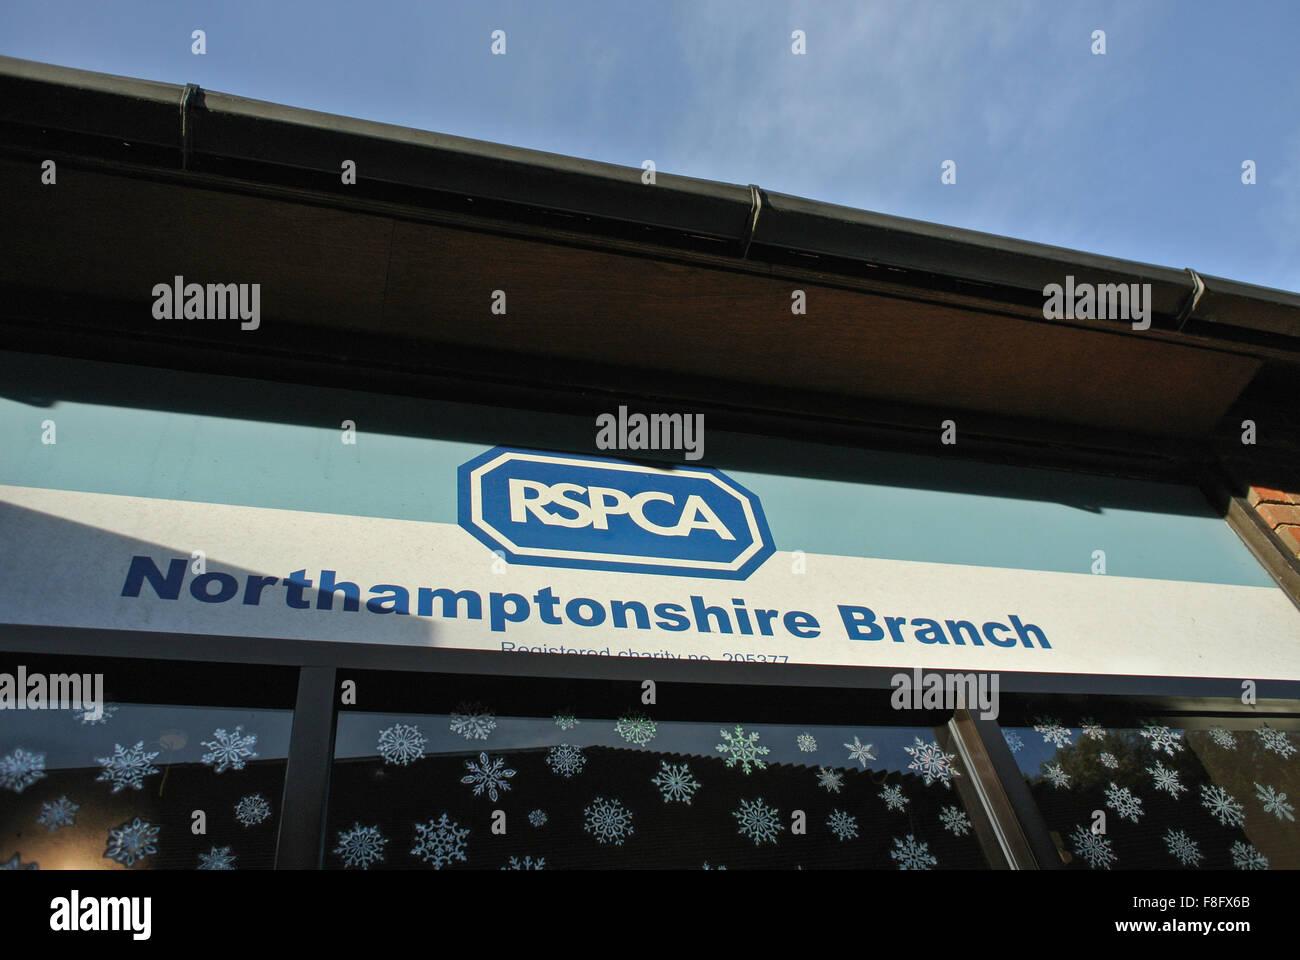 RSPCA Northampton Branch - Stock Image